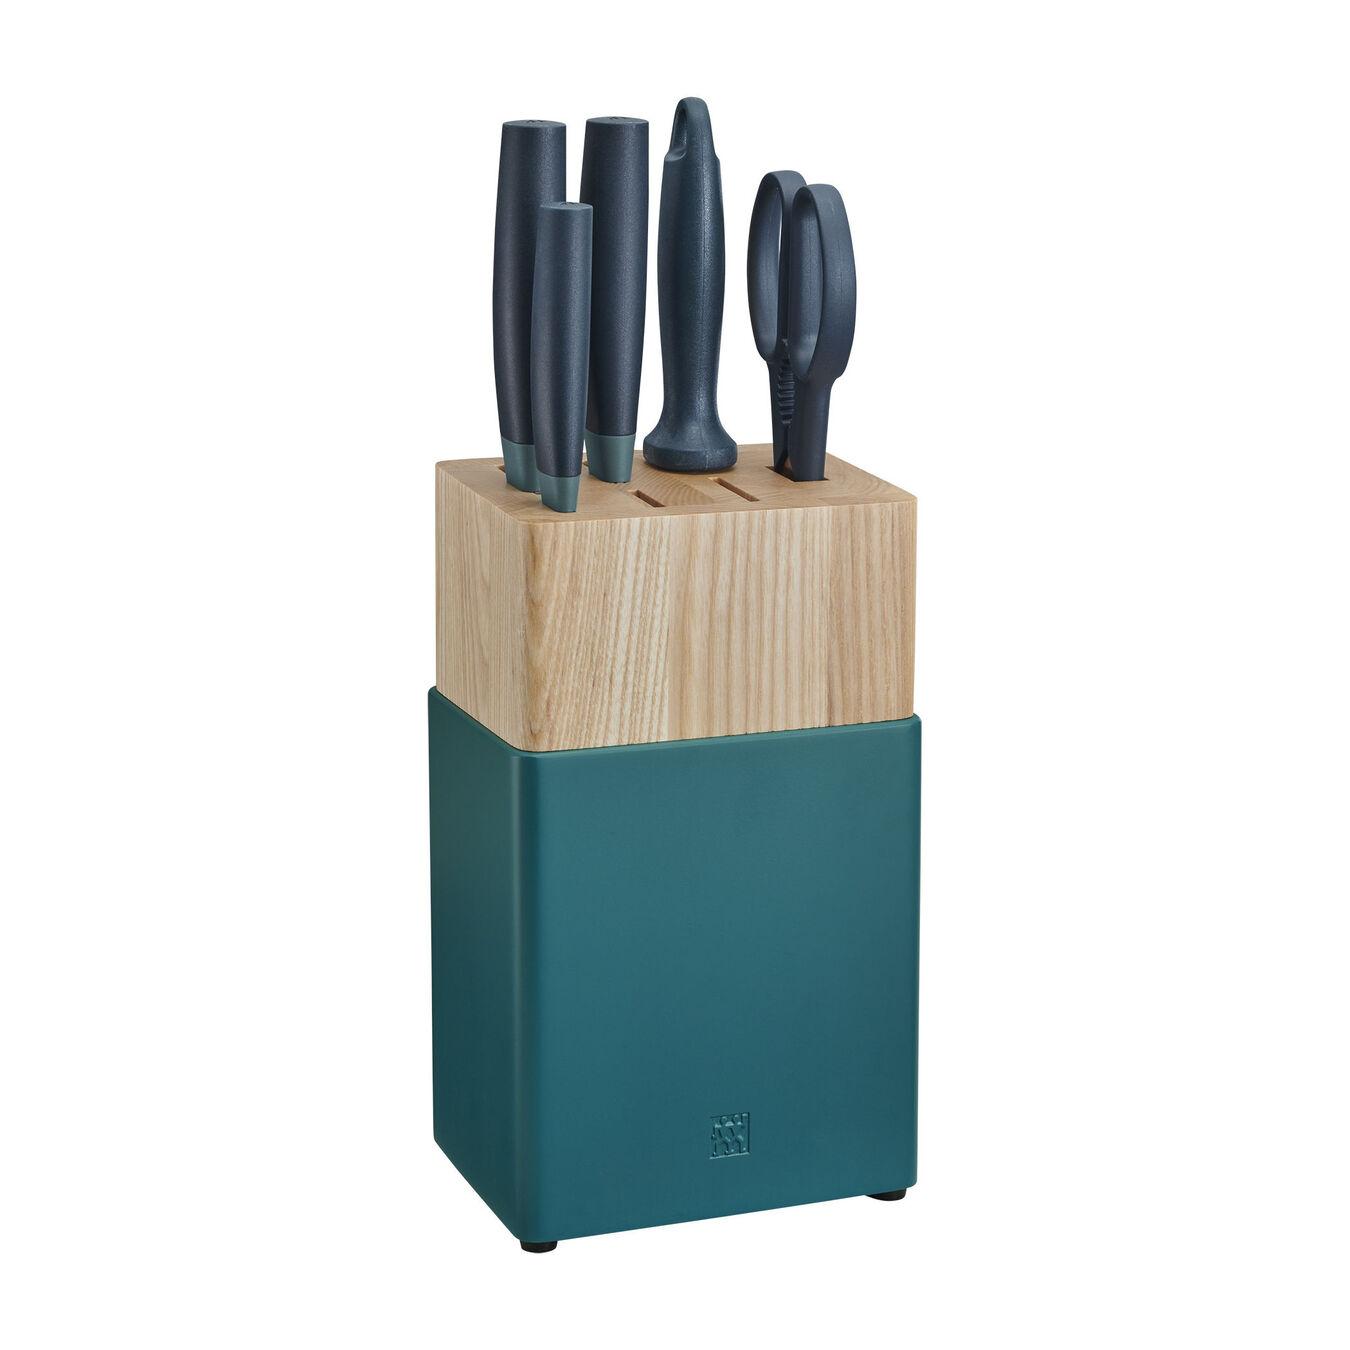 6-pc, Z Now S Knife Block Set, blueberry,,large 1